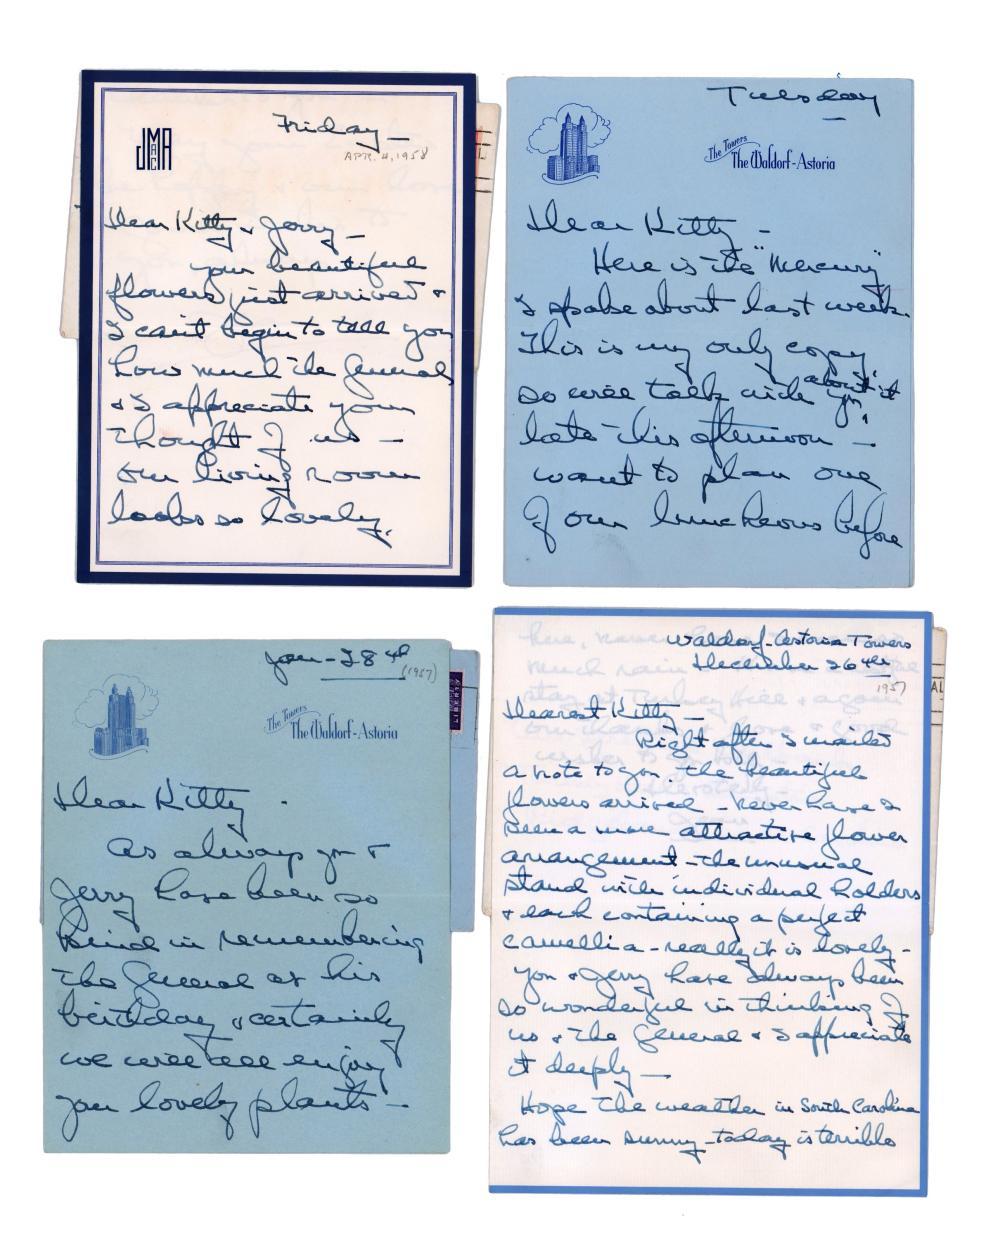 Douglas MacArthur TLS & Jean MacArthur Archive, 17 Total Letters